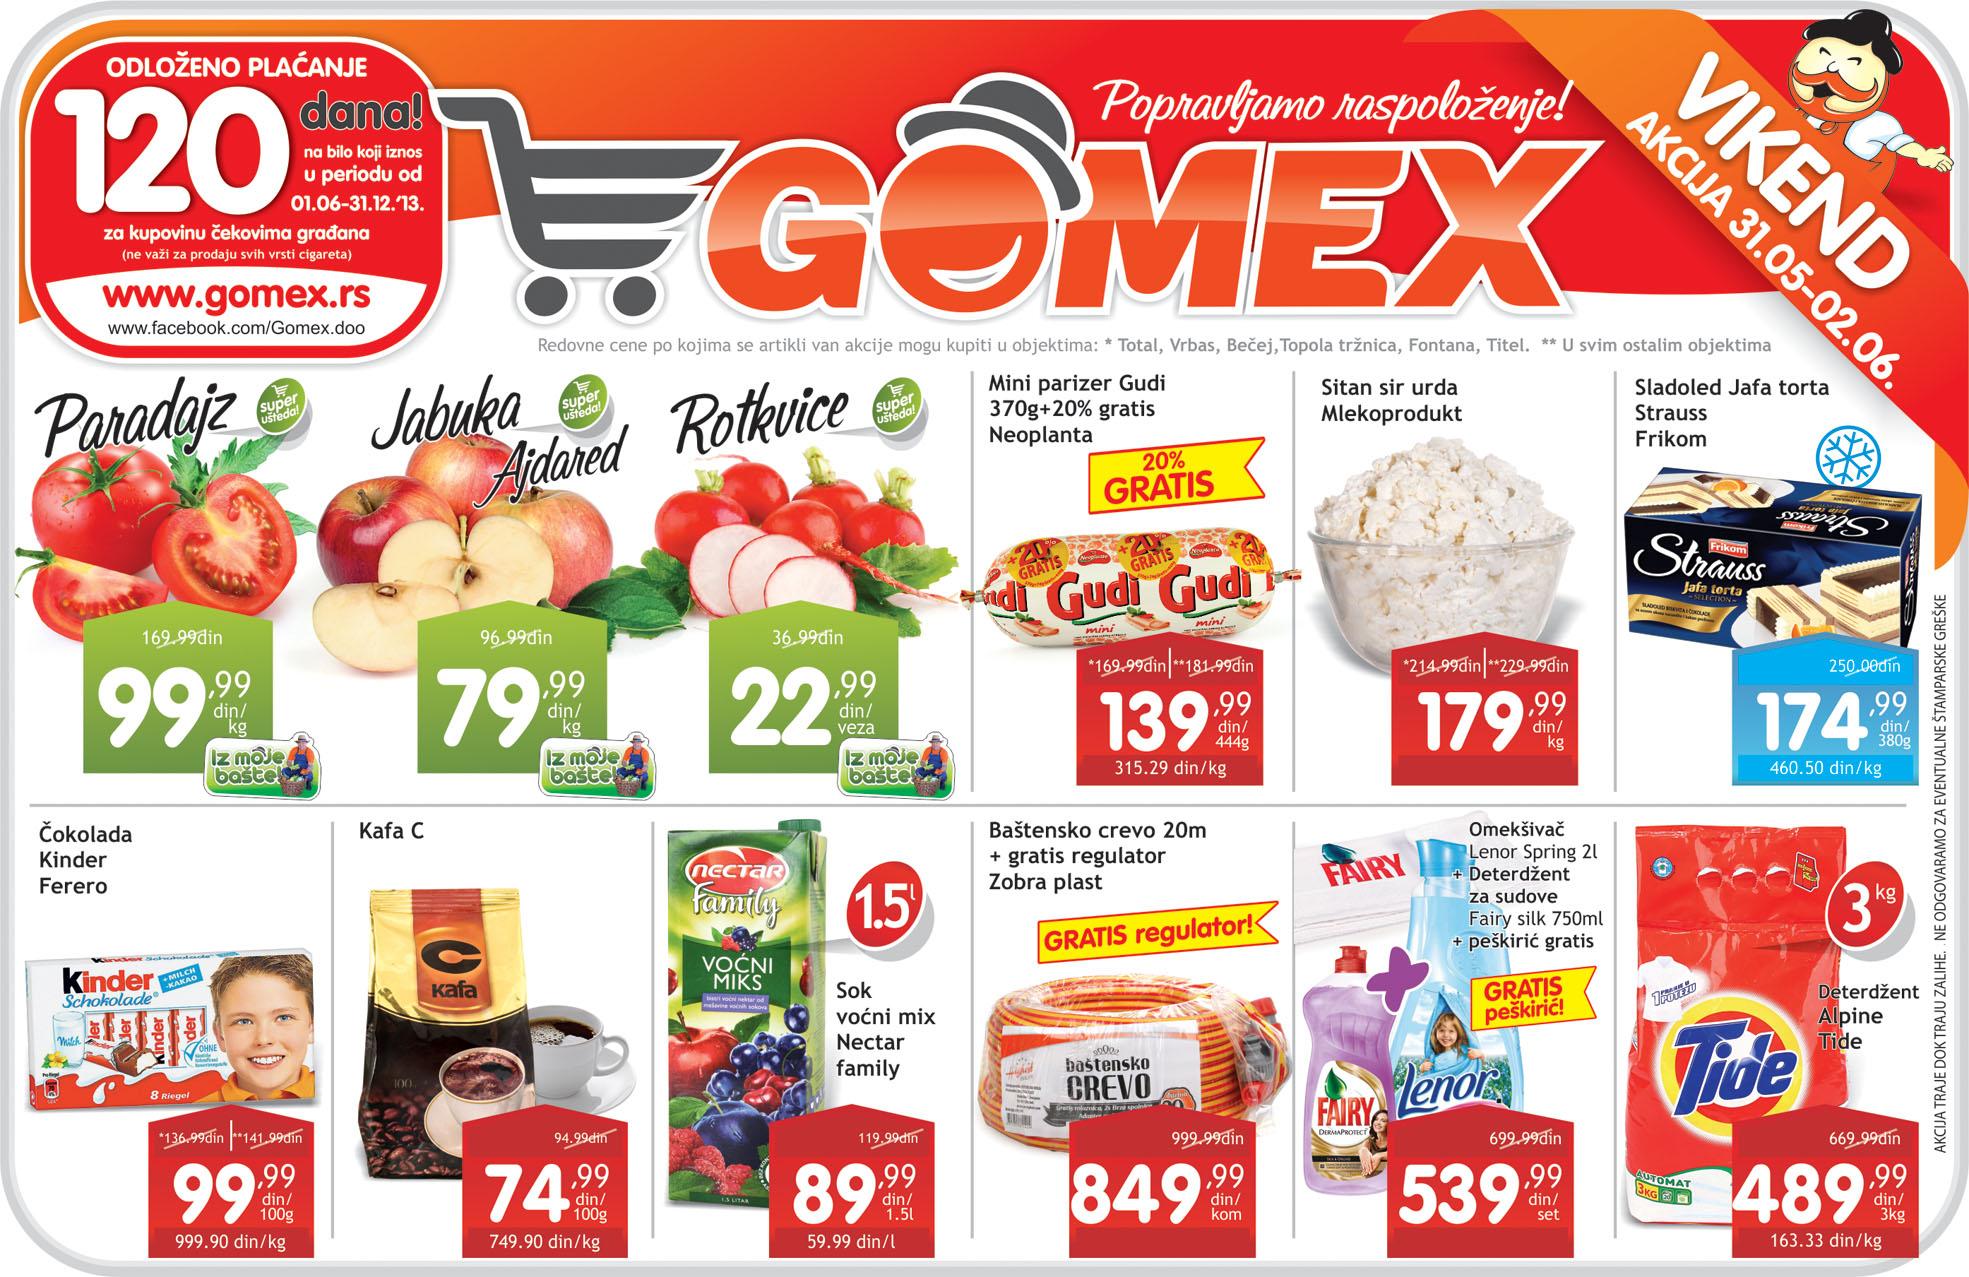 Gomex Katalog najbolje kupovine